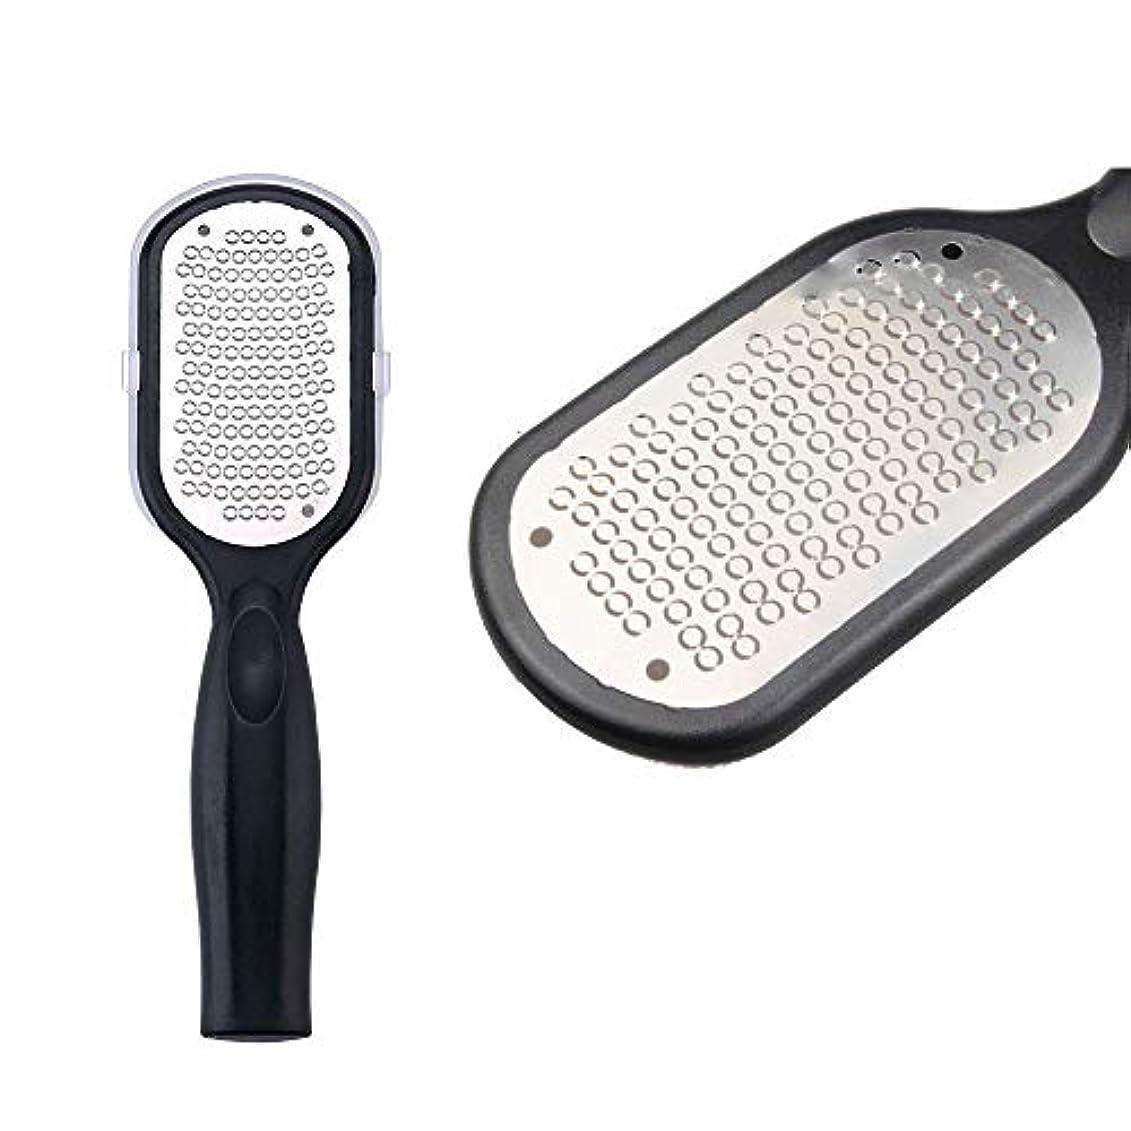 面投獄自動化軽石 かかと 角質取り かかと削り器 お風呂 防水 水洗いOK 衛生的な 角質 リムーバー 削り ケア 除去